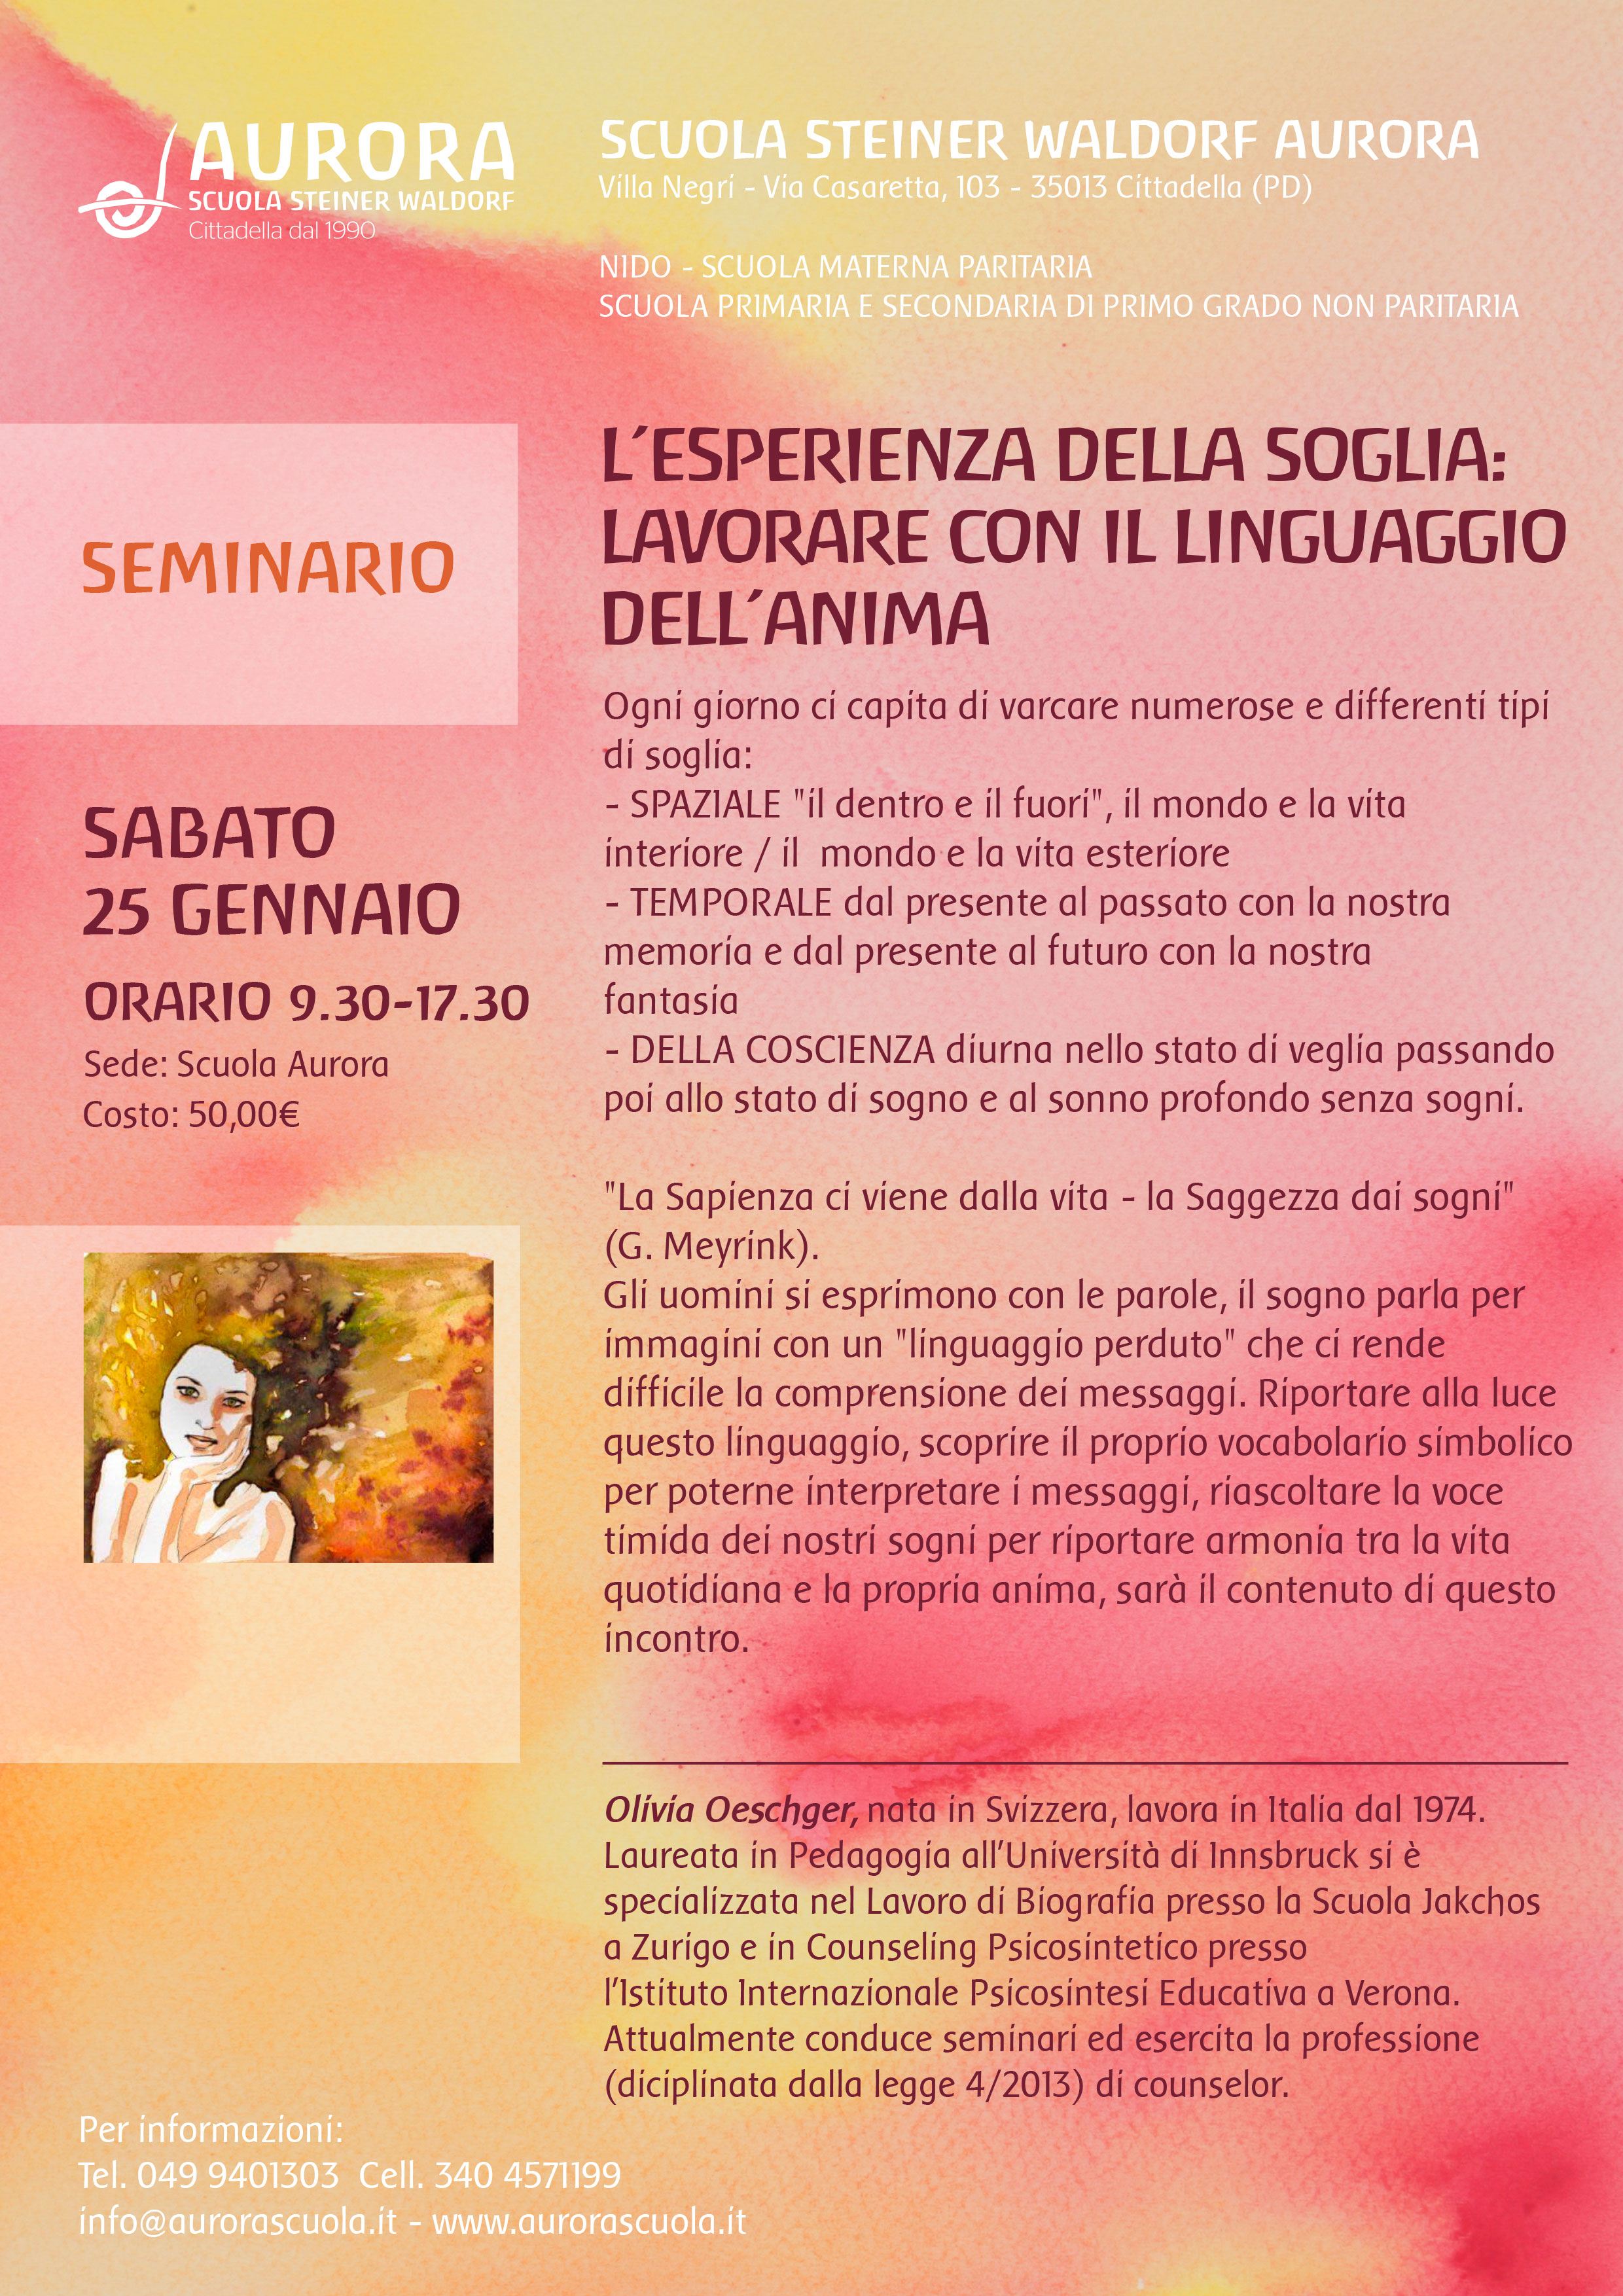 ESPERIENZA-E-SOGLIAwb